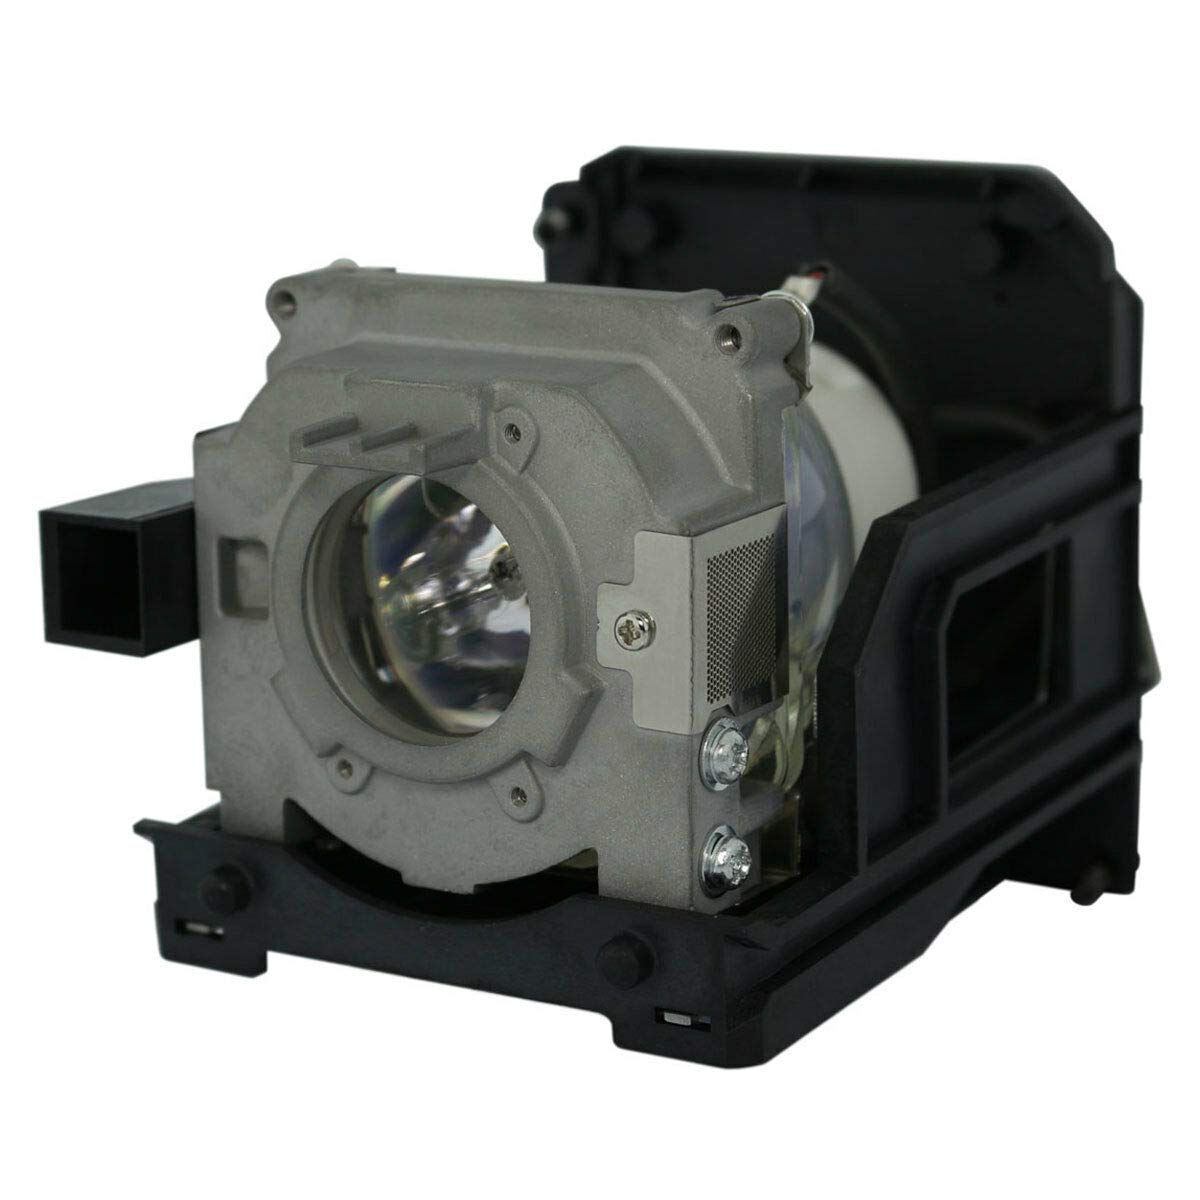 CTLAMP WT61LPE オリジナルランプバルブ ハウジング付き NEC WT610 / WT615に対応   B07P9XMK4K